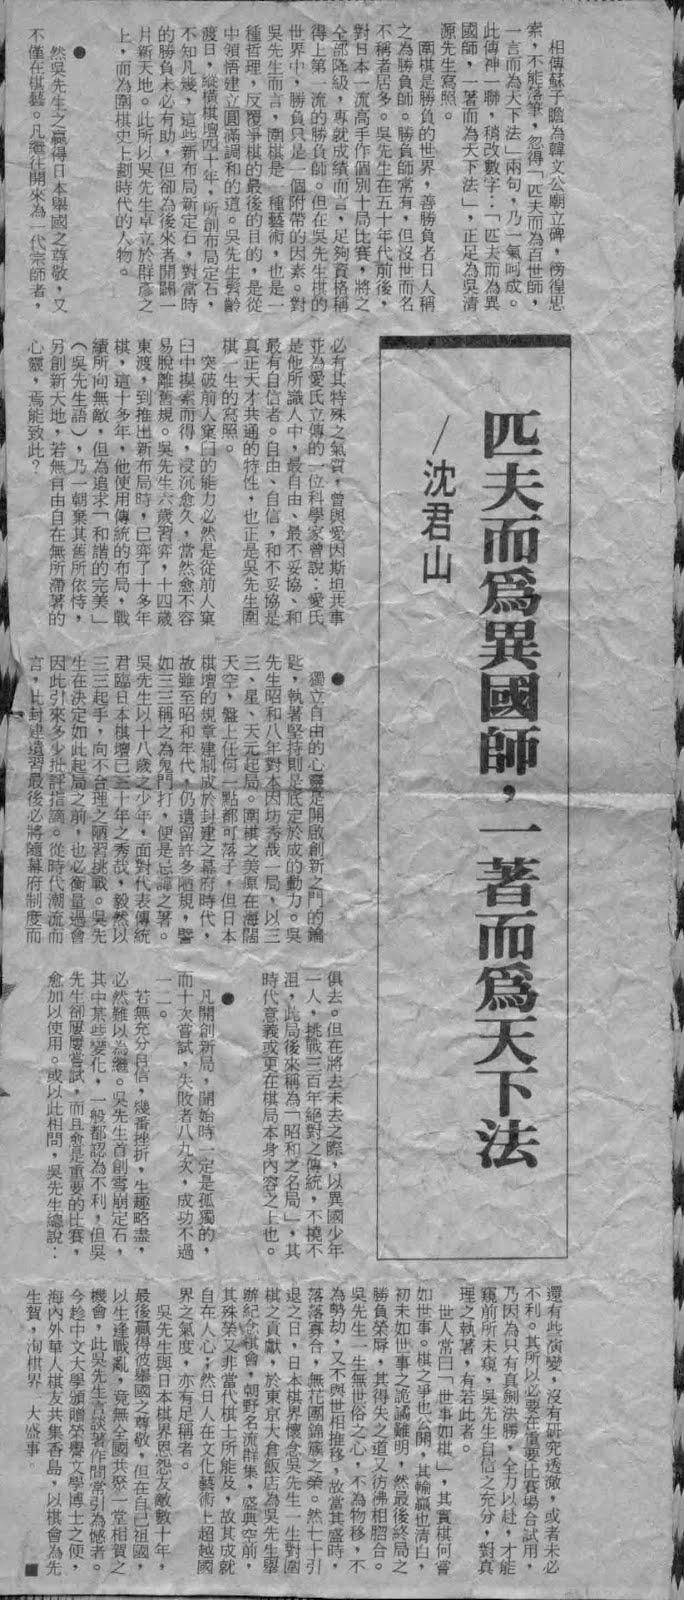 吳清源退休紀念文.JPG